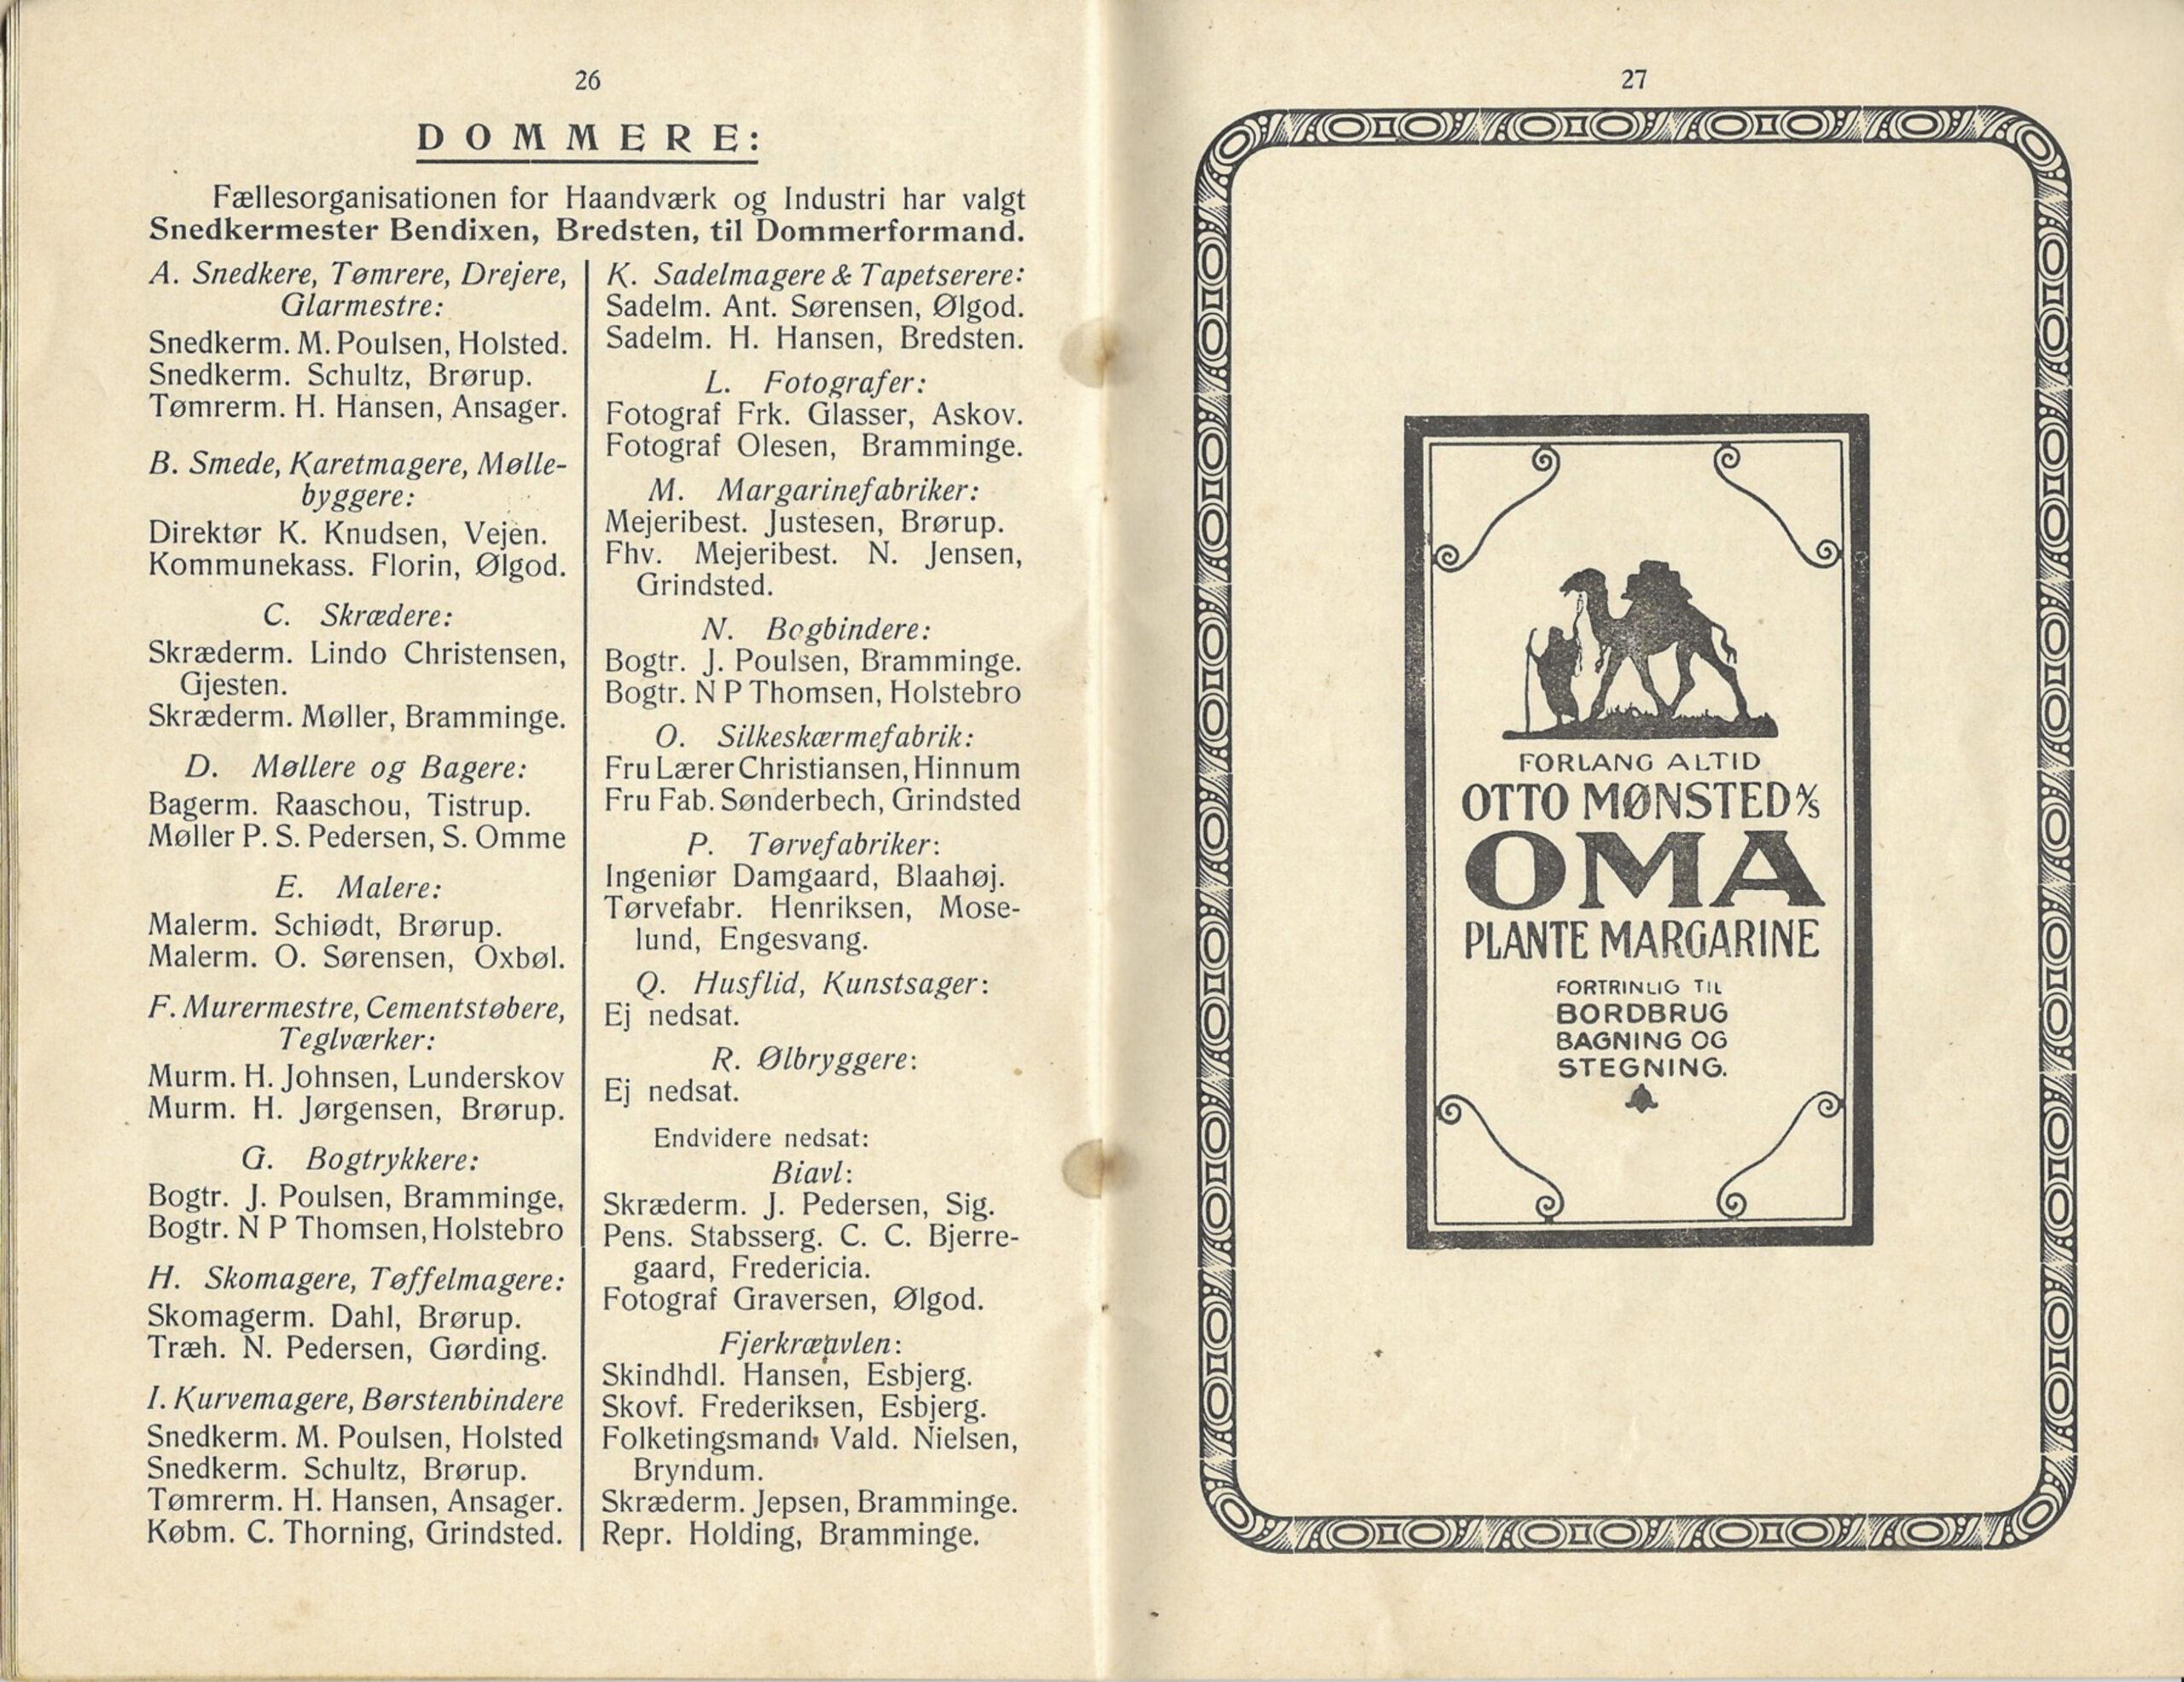 Midtjysk-udstilling-1926-15-scaled